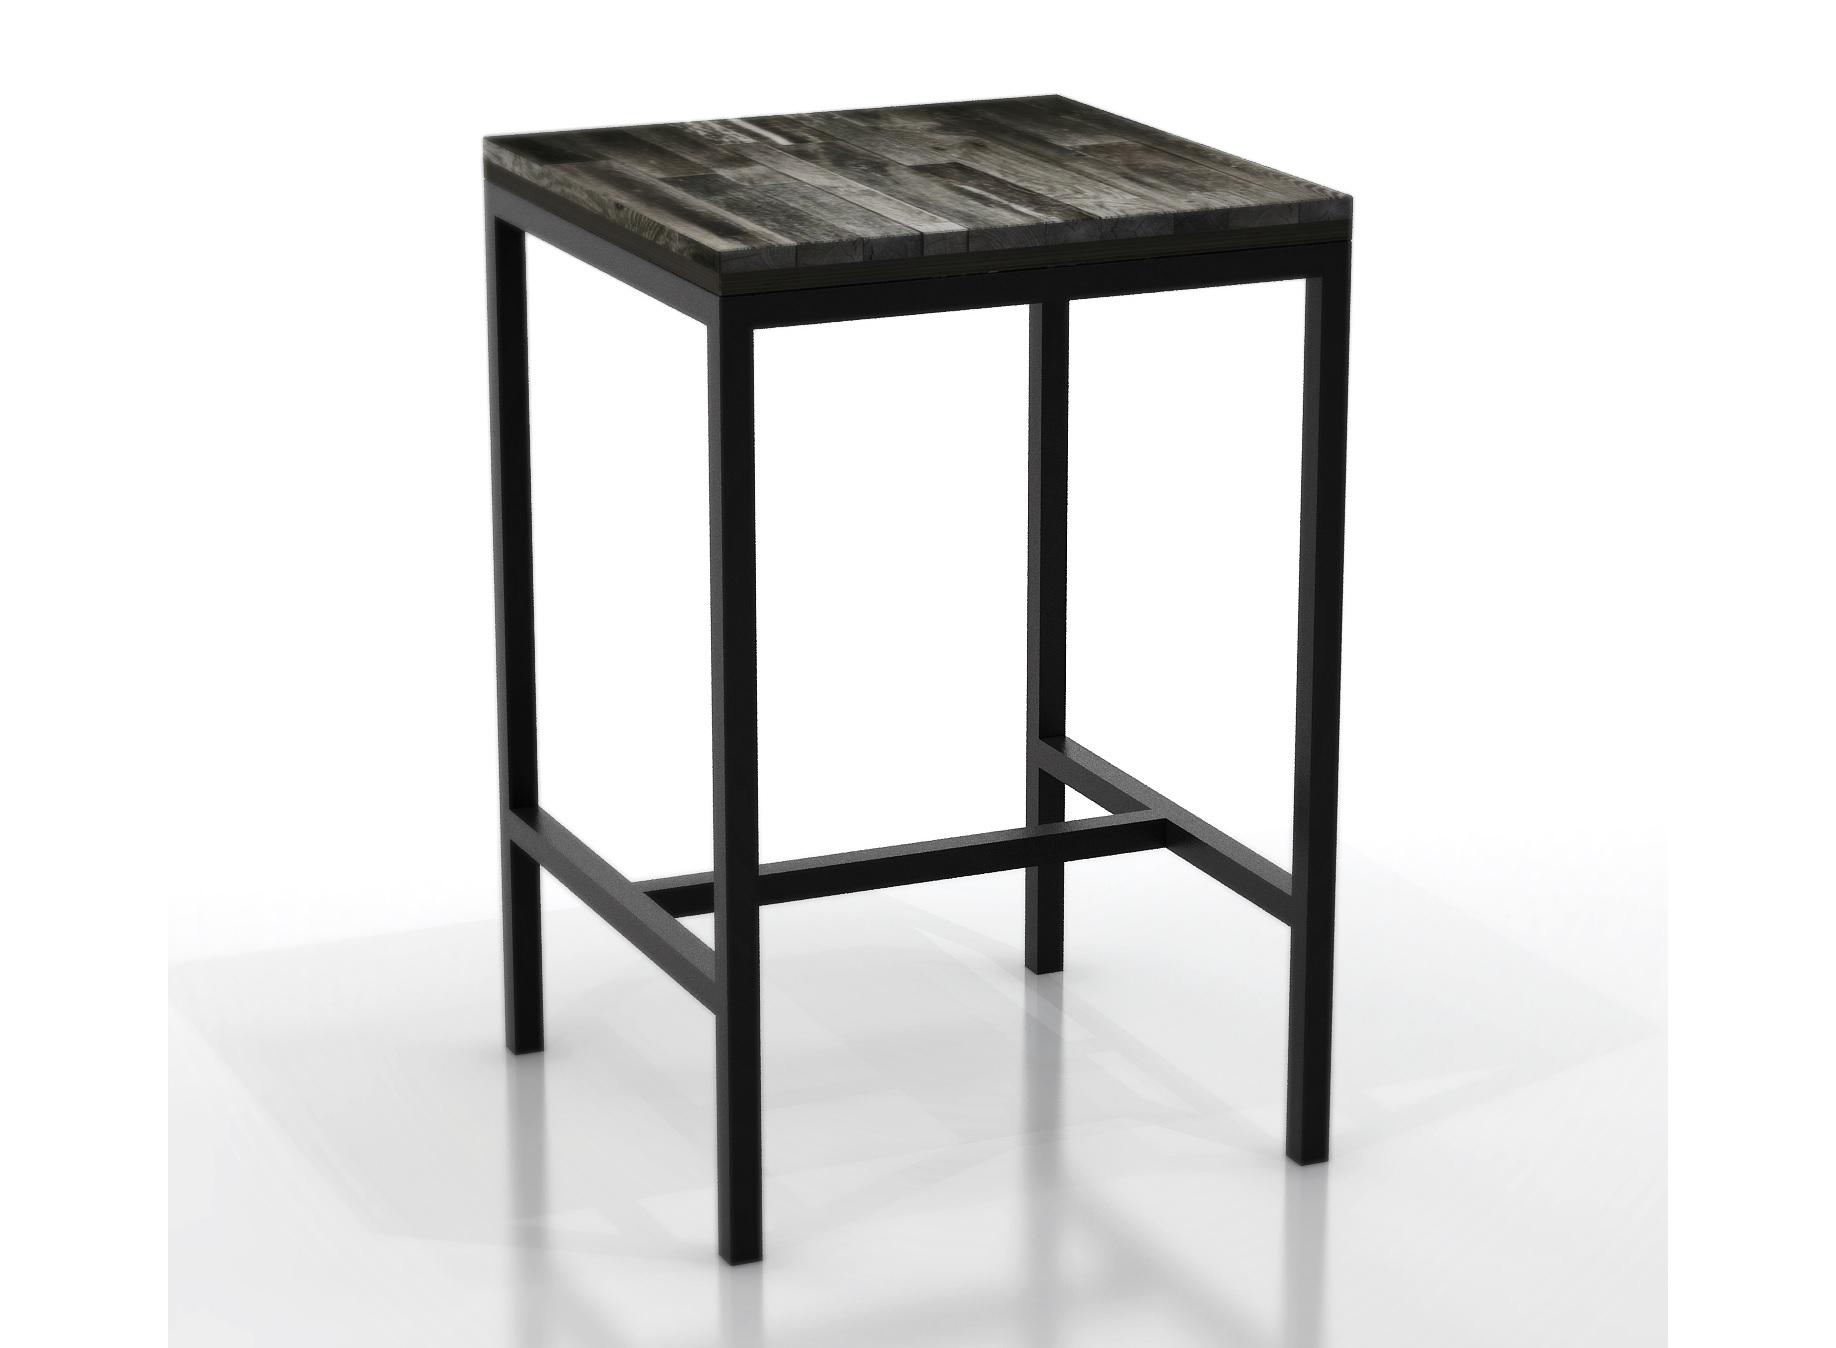 Стол барный Metalframe oldwoodБарные столы<br>Материал: березовая фанера, старая доска, стальная труба 3 х 3 см. На основание крепится мебельный войлок.&amp;lt;div&amp;gt;&amp;lt;br&amp;gt;&amp;lt;/div&amp;gt;&amp;lt;div&amp;gt;Возможно изготовление любых размеров, стоимость необходимо уточнять.&amp;lt;/div&amp;gt;&amp;lt;div&amp;gt;Ширина: 60-300 см, глубина: 60-100 см, высота: 91/101/111/121 см.&amp;lt;/div&amp;gt;<br><br>Material: Дерево<br>Ширина см: 60<br>Высота см: 91<br>Глубина см: 60